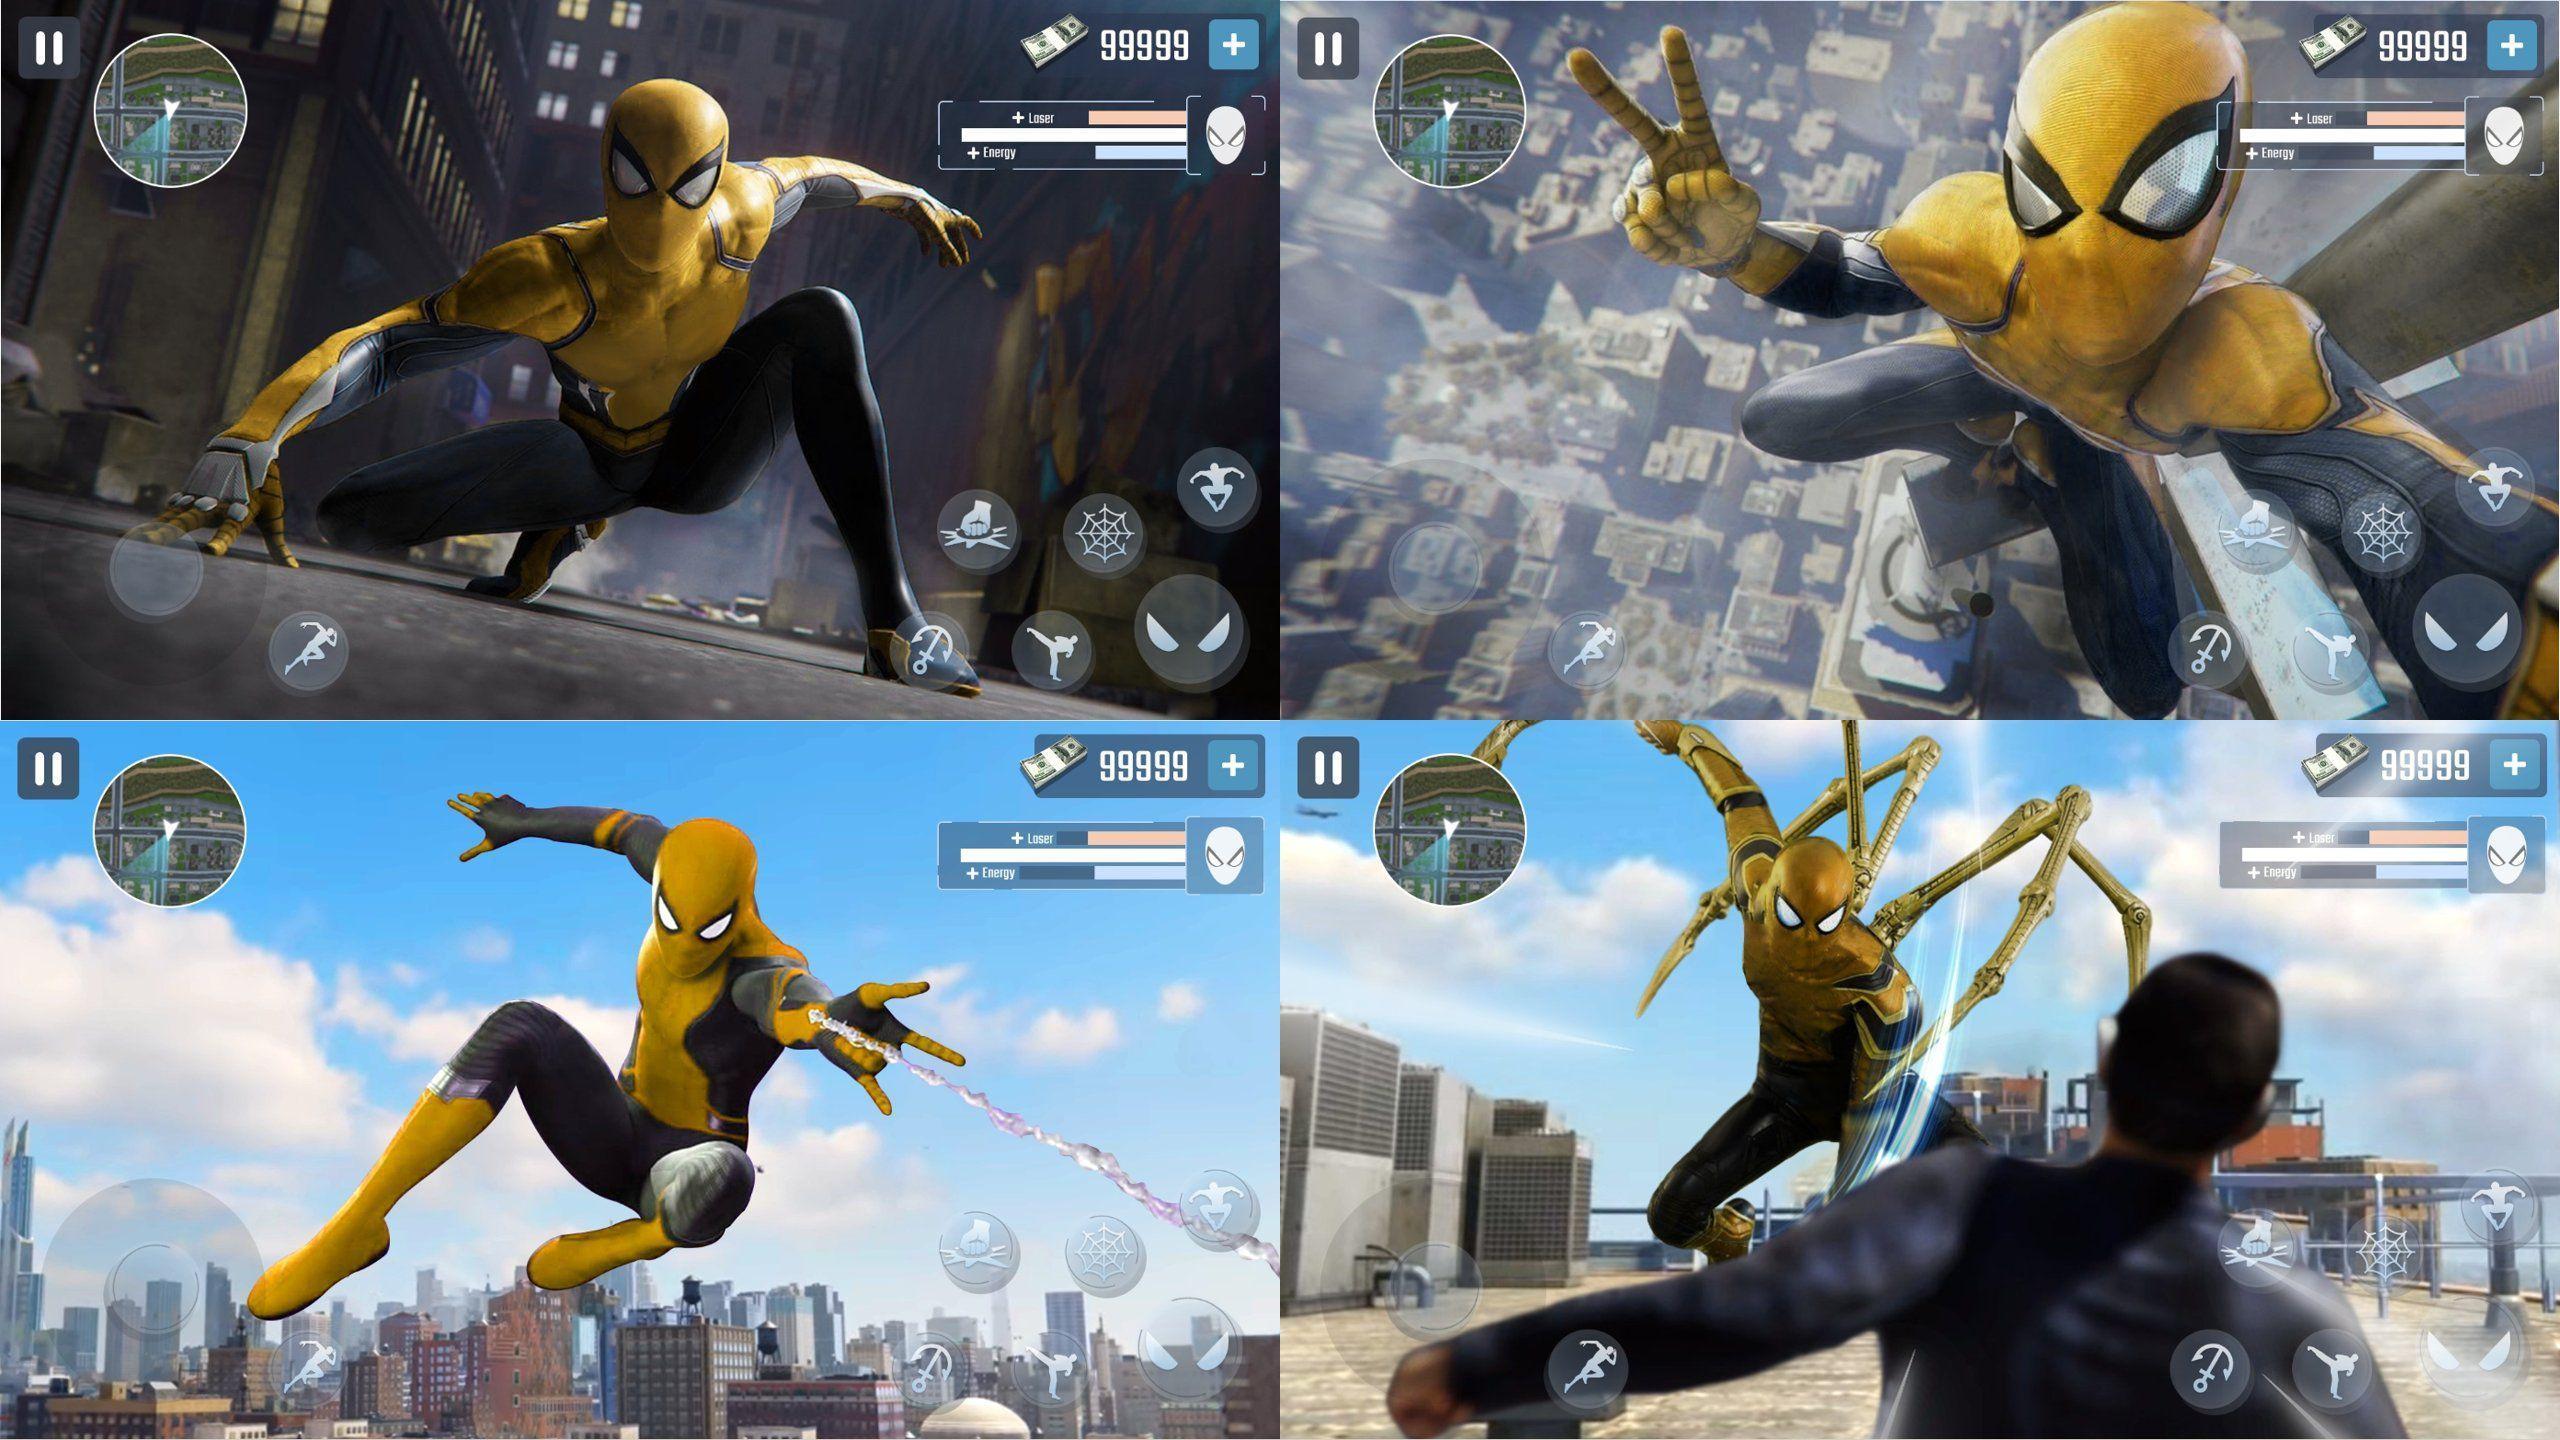 蜘蛛侠英雄:嘿帮优化版截图1